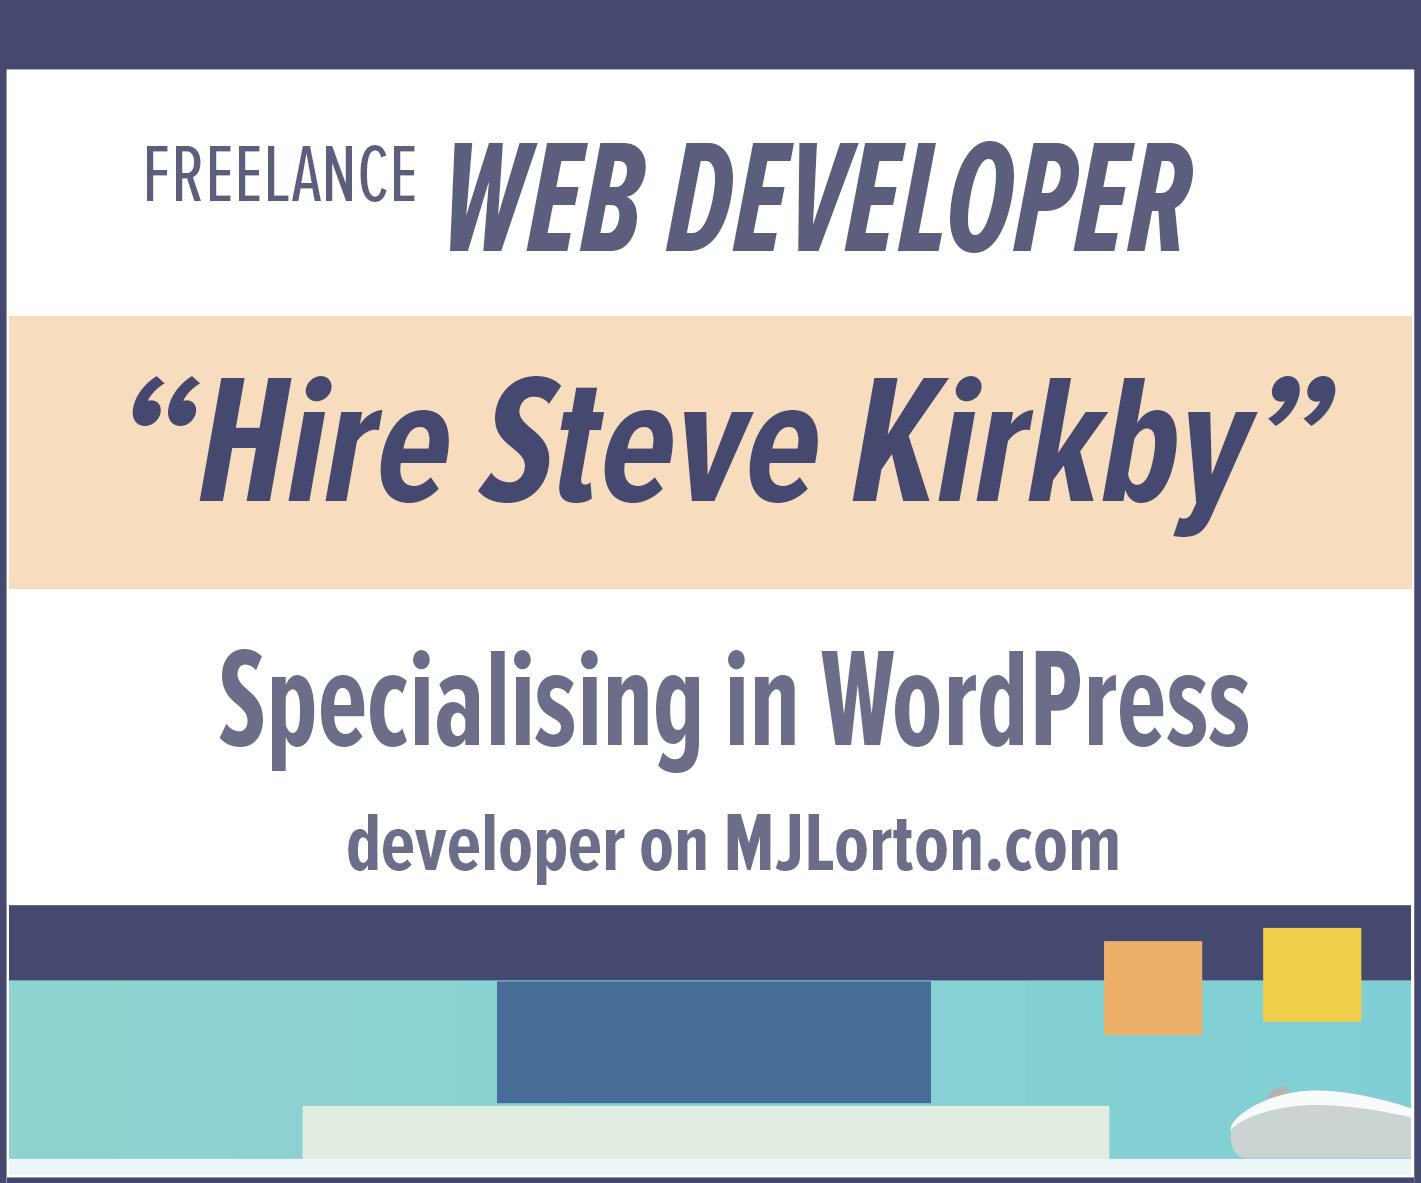 Hire Steve Kirkby - freelance web developer sponsored link